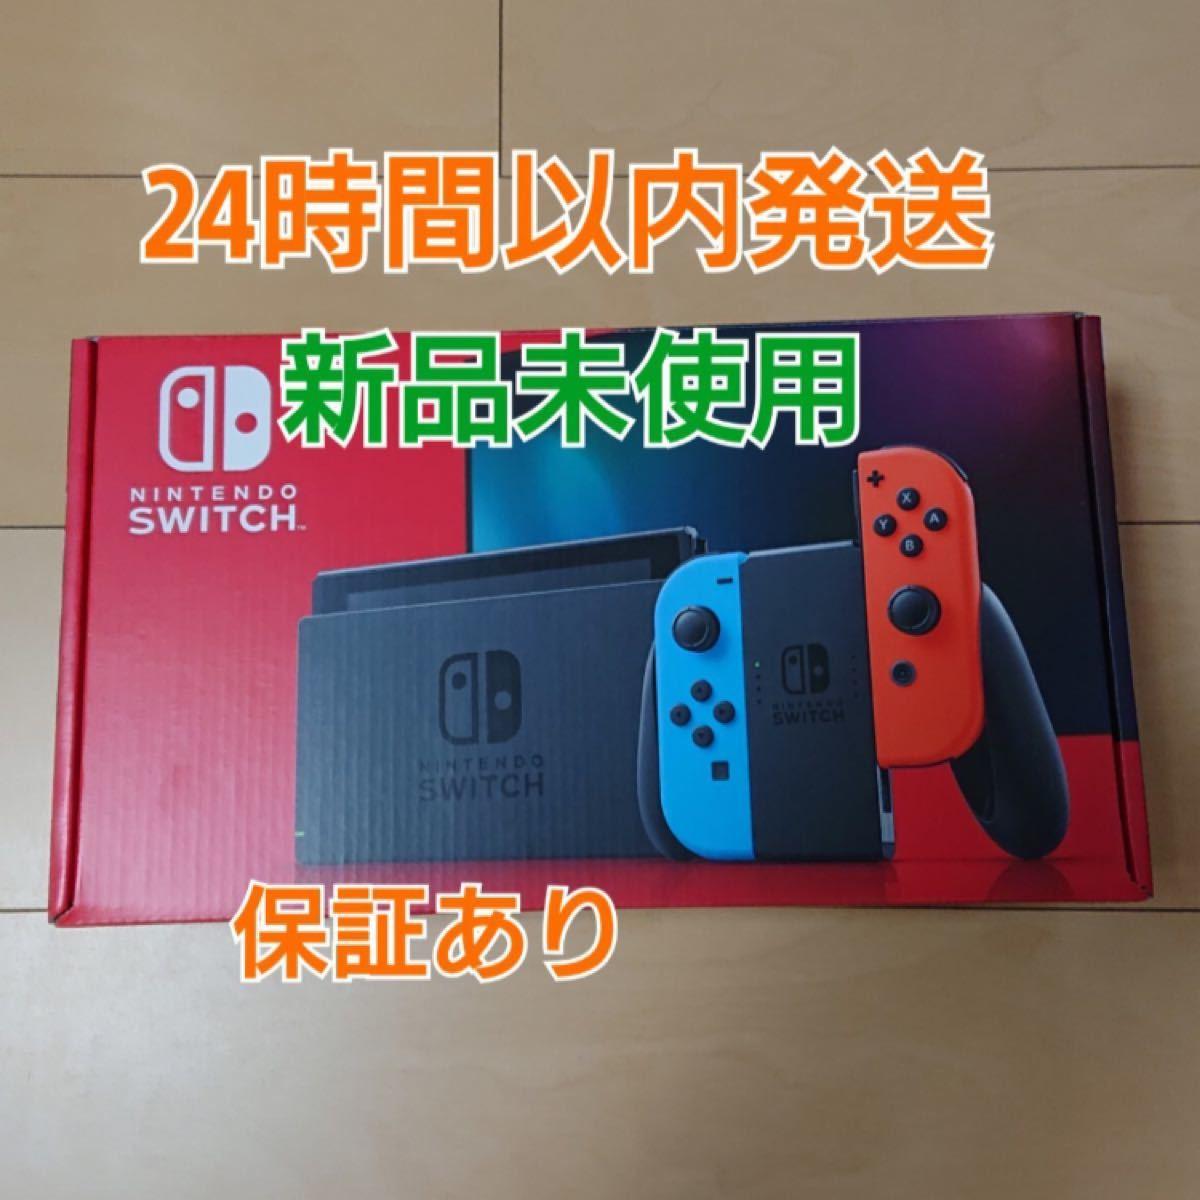 【新品未開封】Nintendoネオンブルー レッド 新型 任天堂スイッチ本体